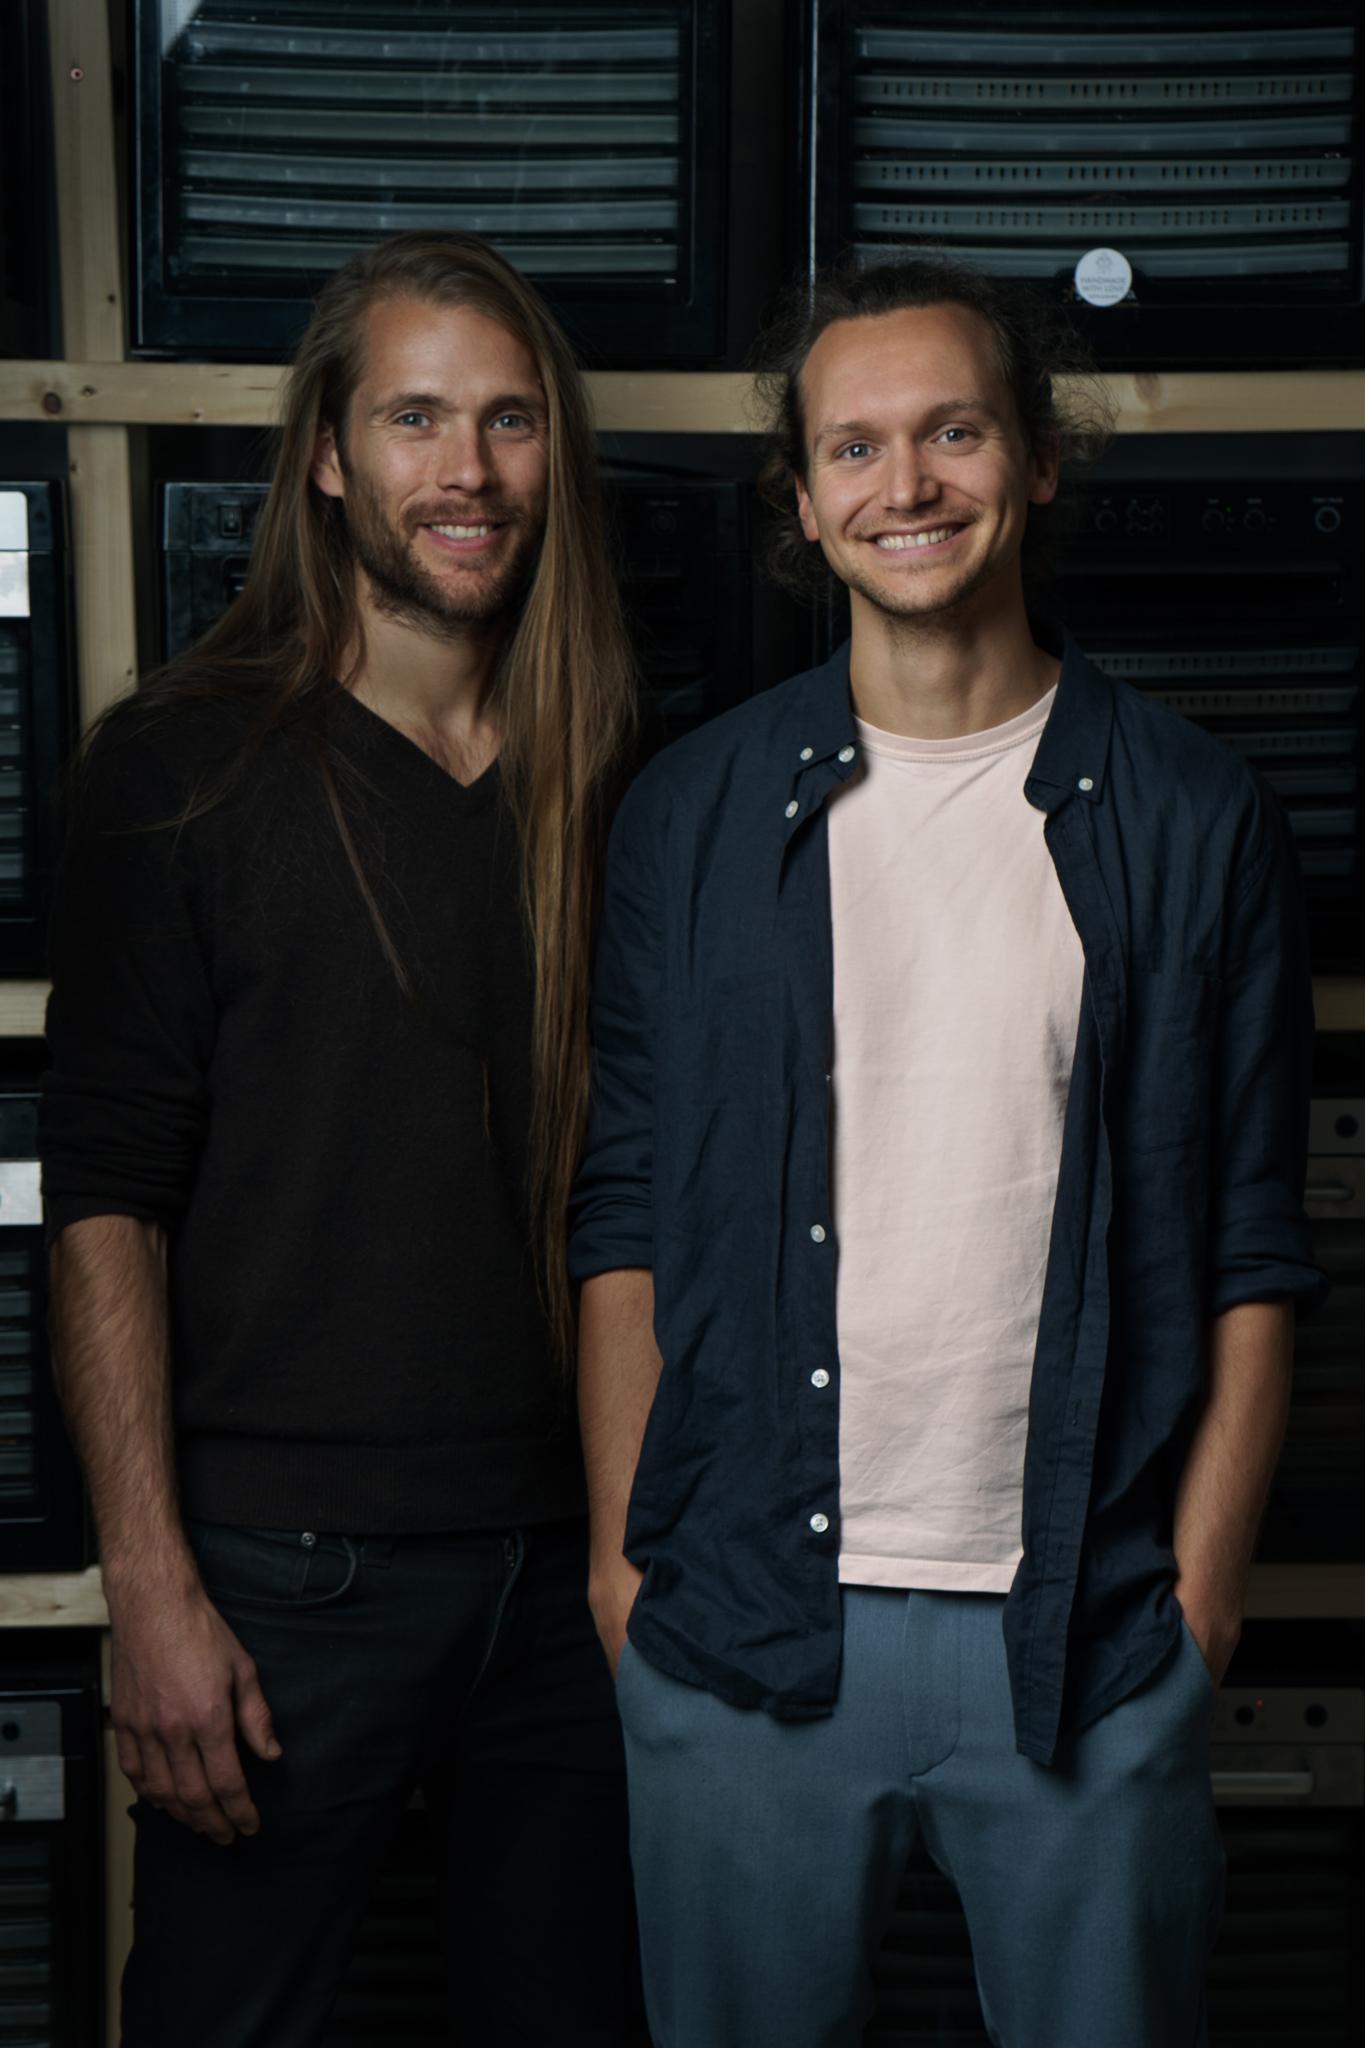 Die AHO-Gründer Alex & Jannis (re.) vor ihrer Wand aus Dörrautomaten